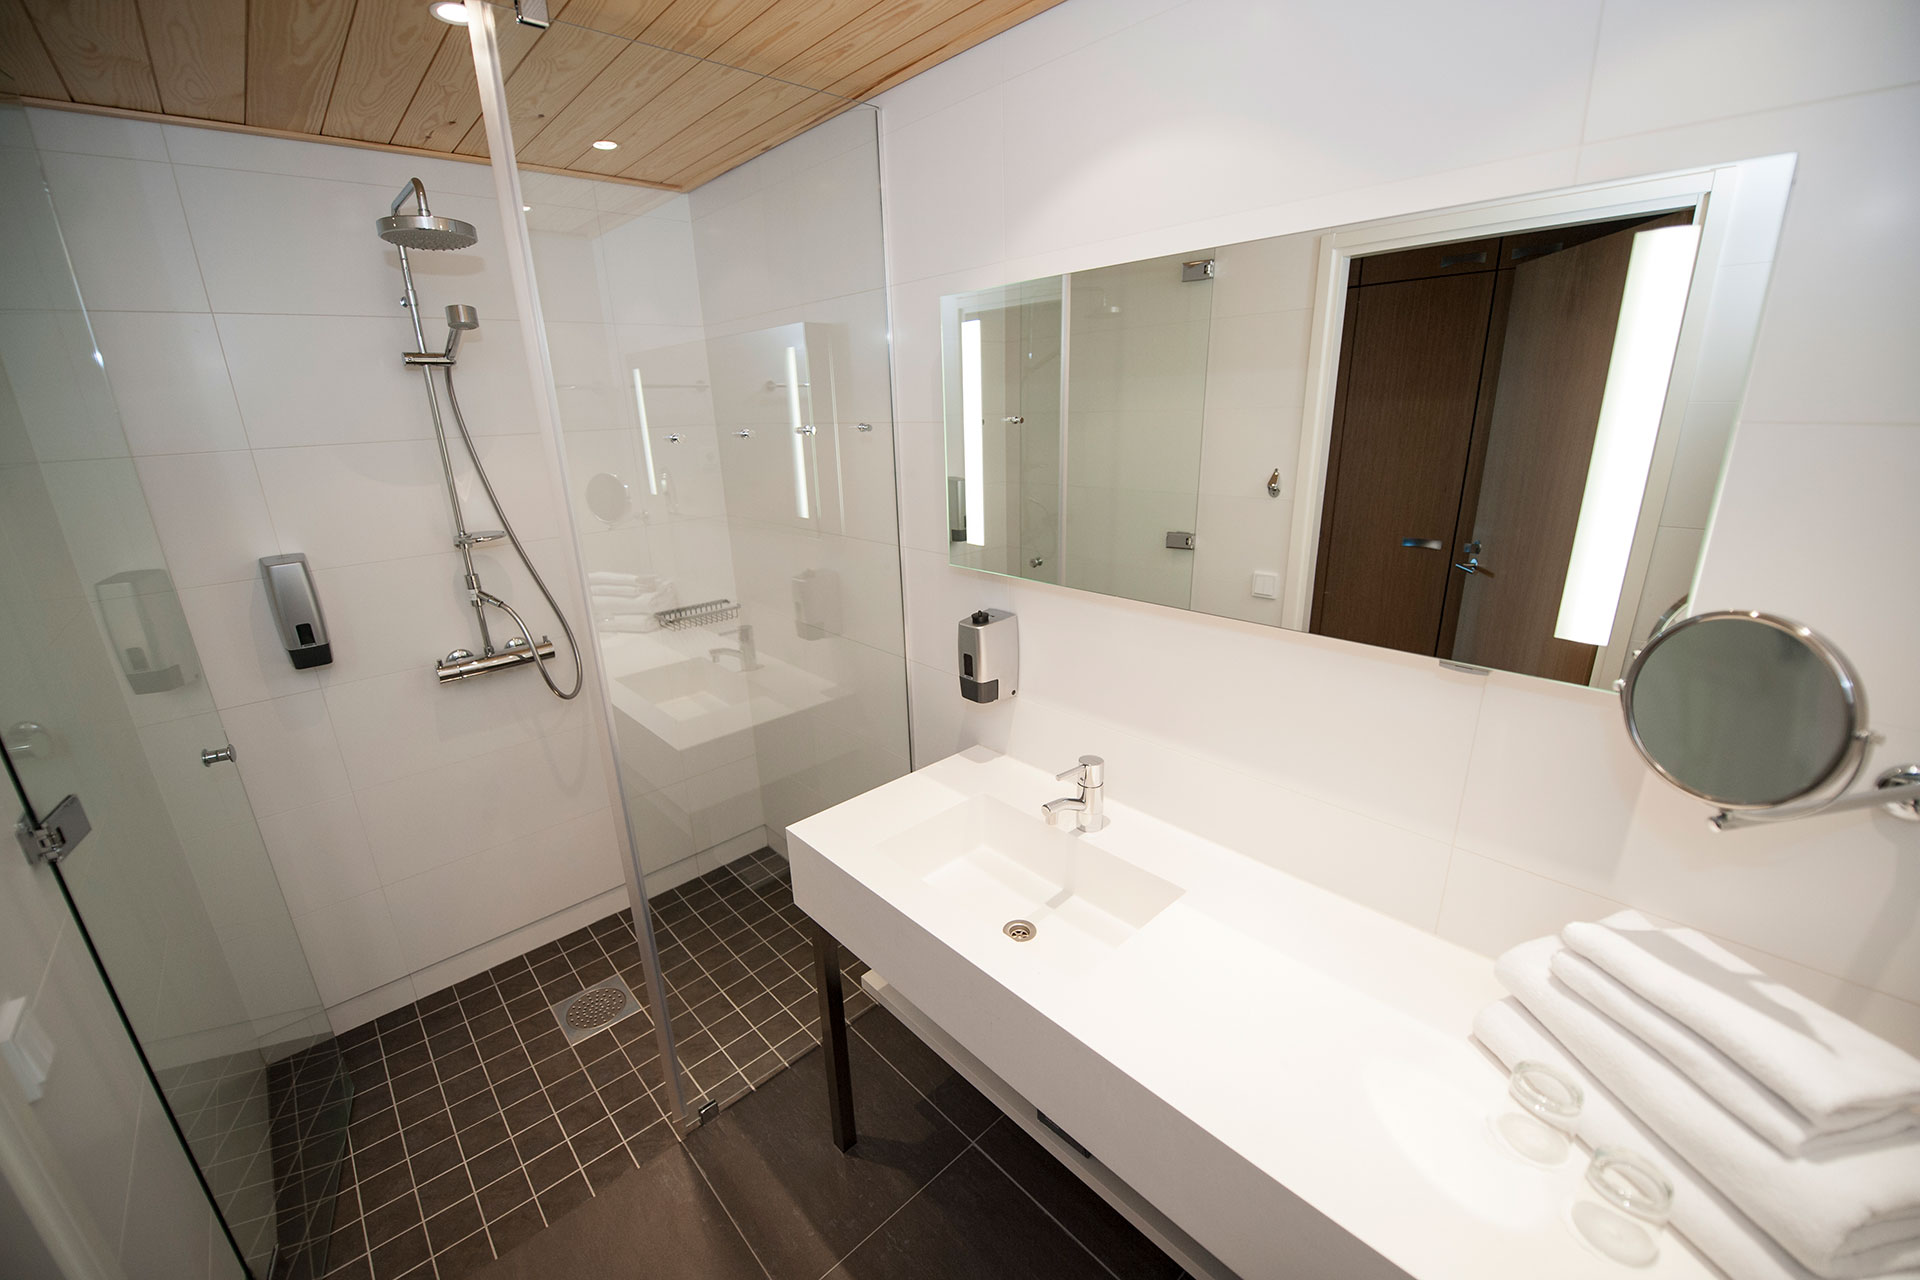 Kylpyhuone Hotel Levi Panoraman Standard huoneessa on valoisa.